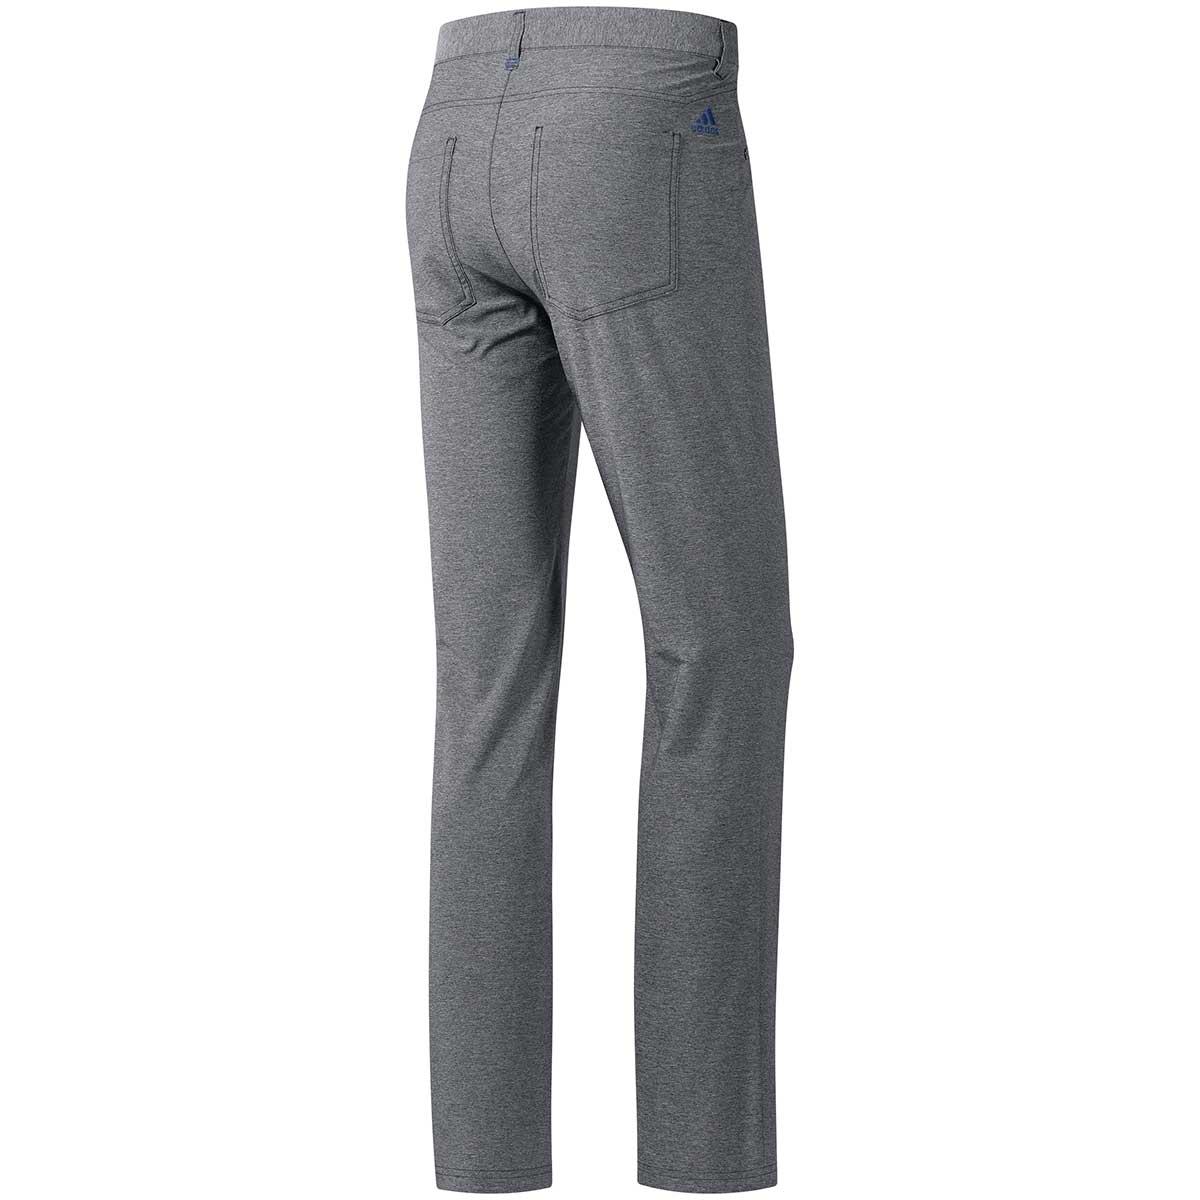 adidas 5 pocket pants